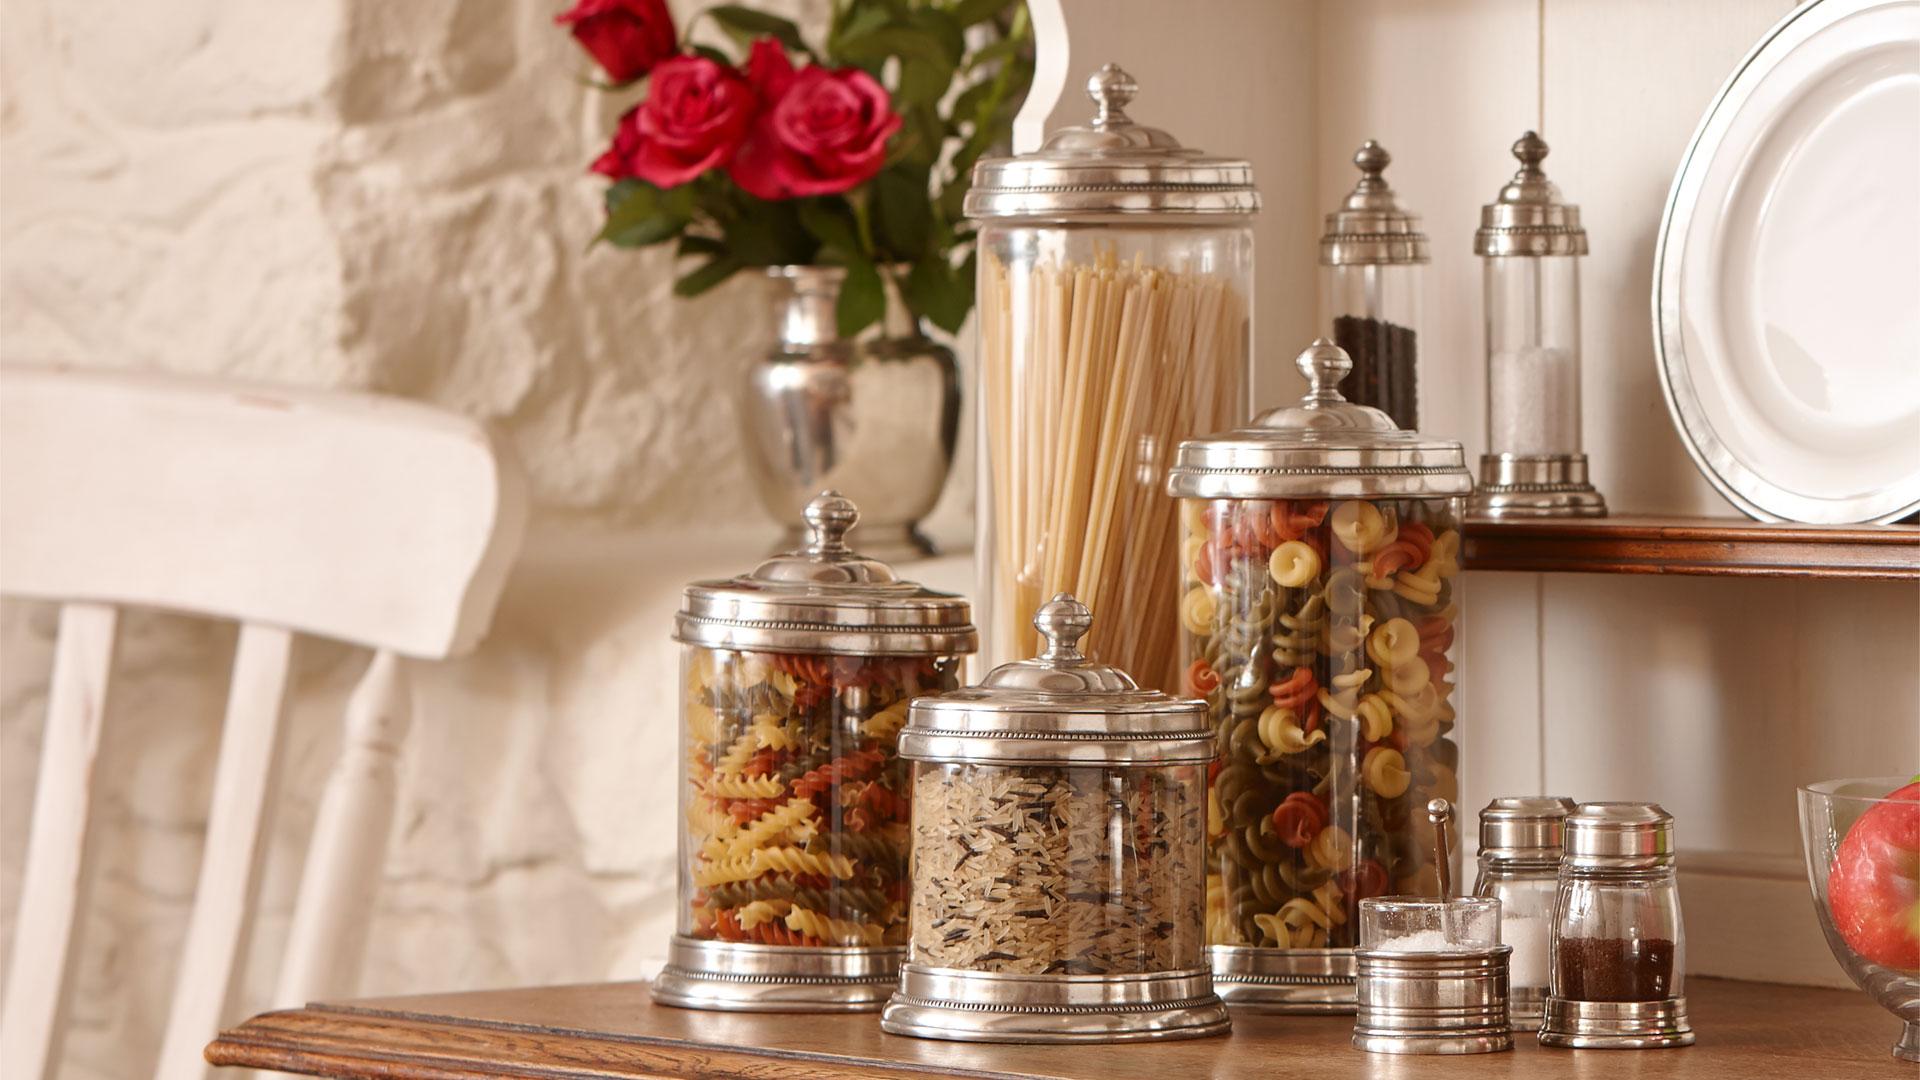 Barattolo cucina grigio metallo peltro e vetro cm 12xh19 lt 1 by cosi tabellini - Barattoli pasta cucina ...